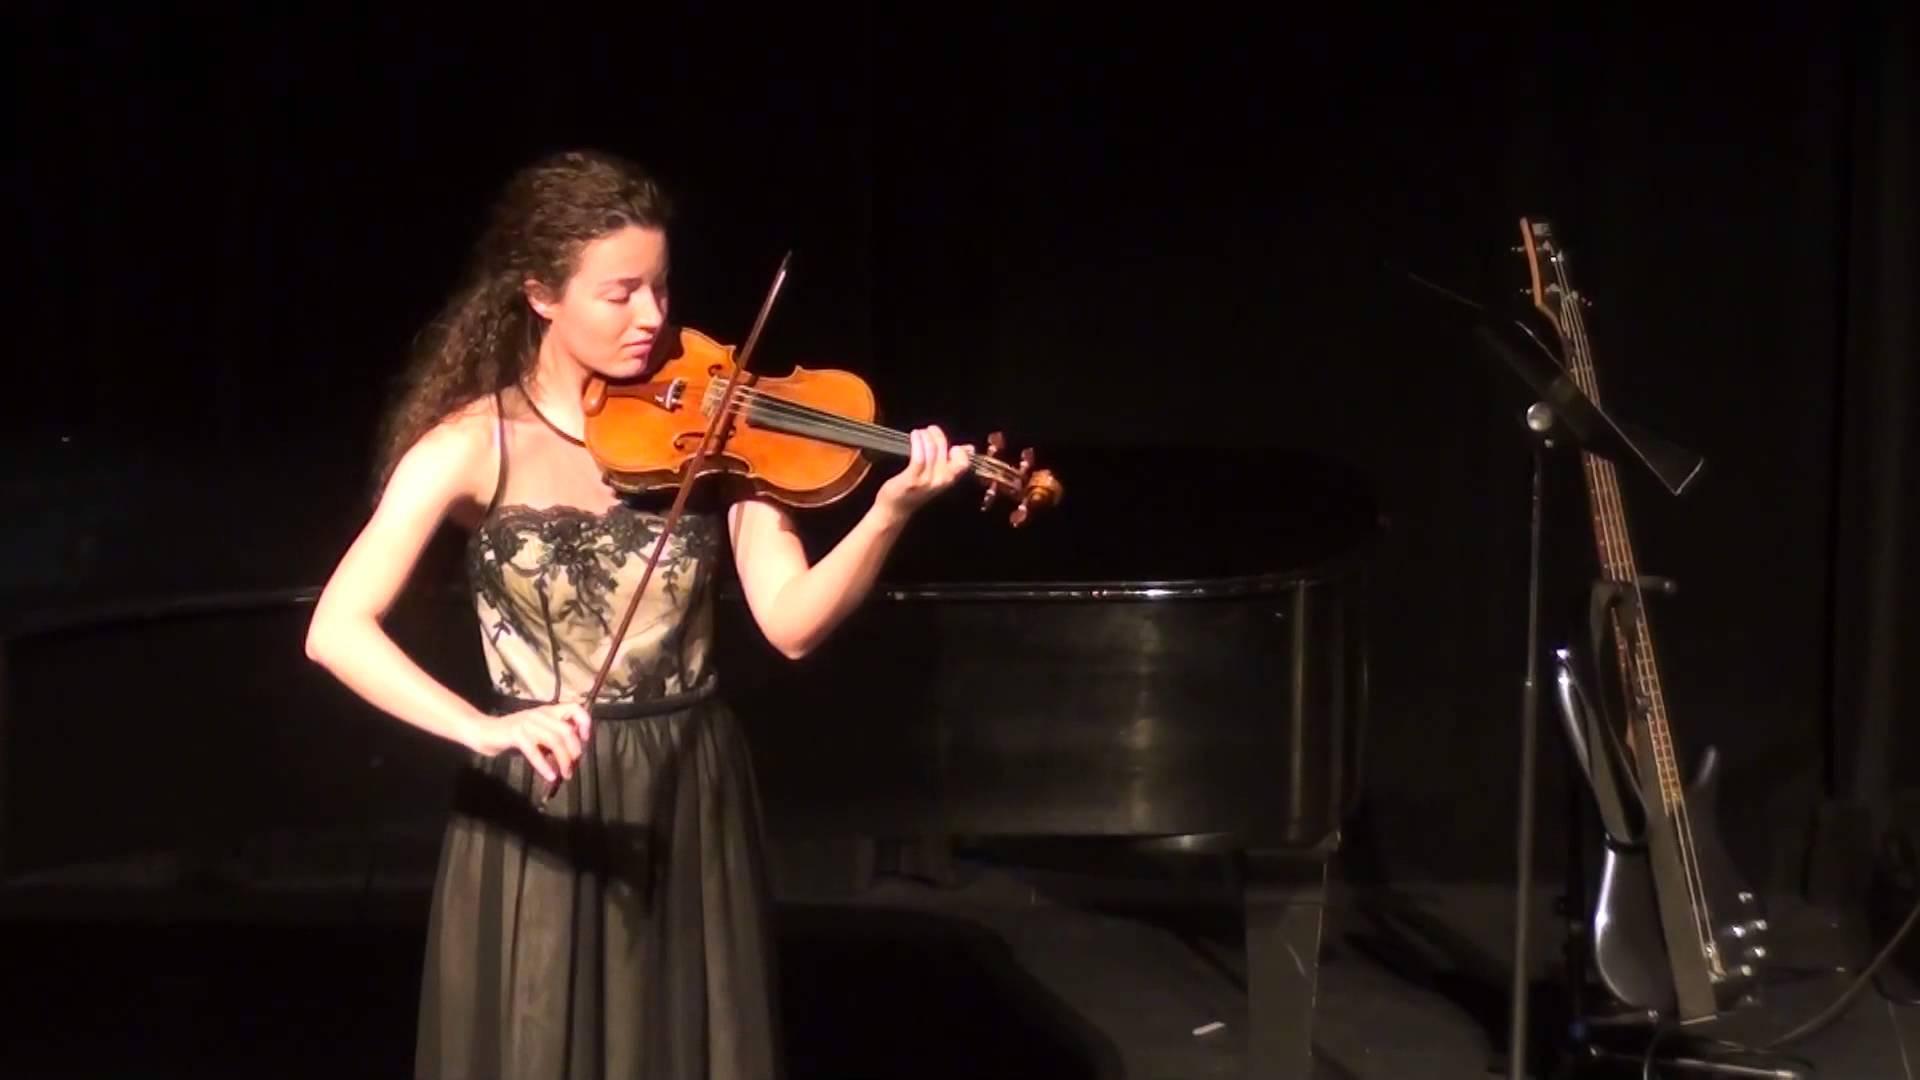 Solo violinist photo